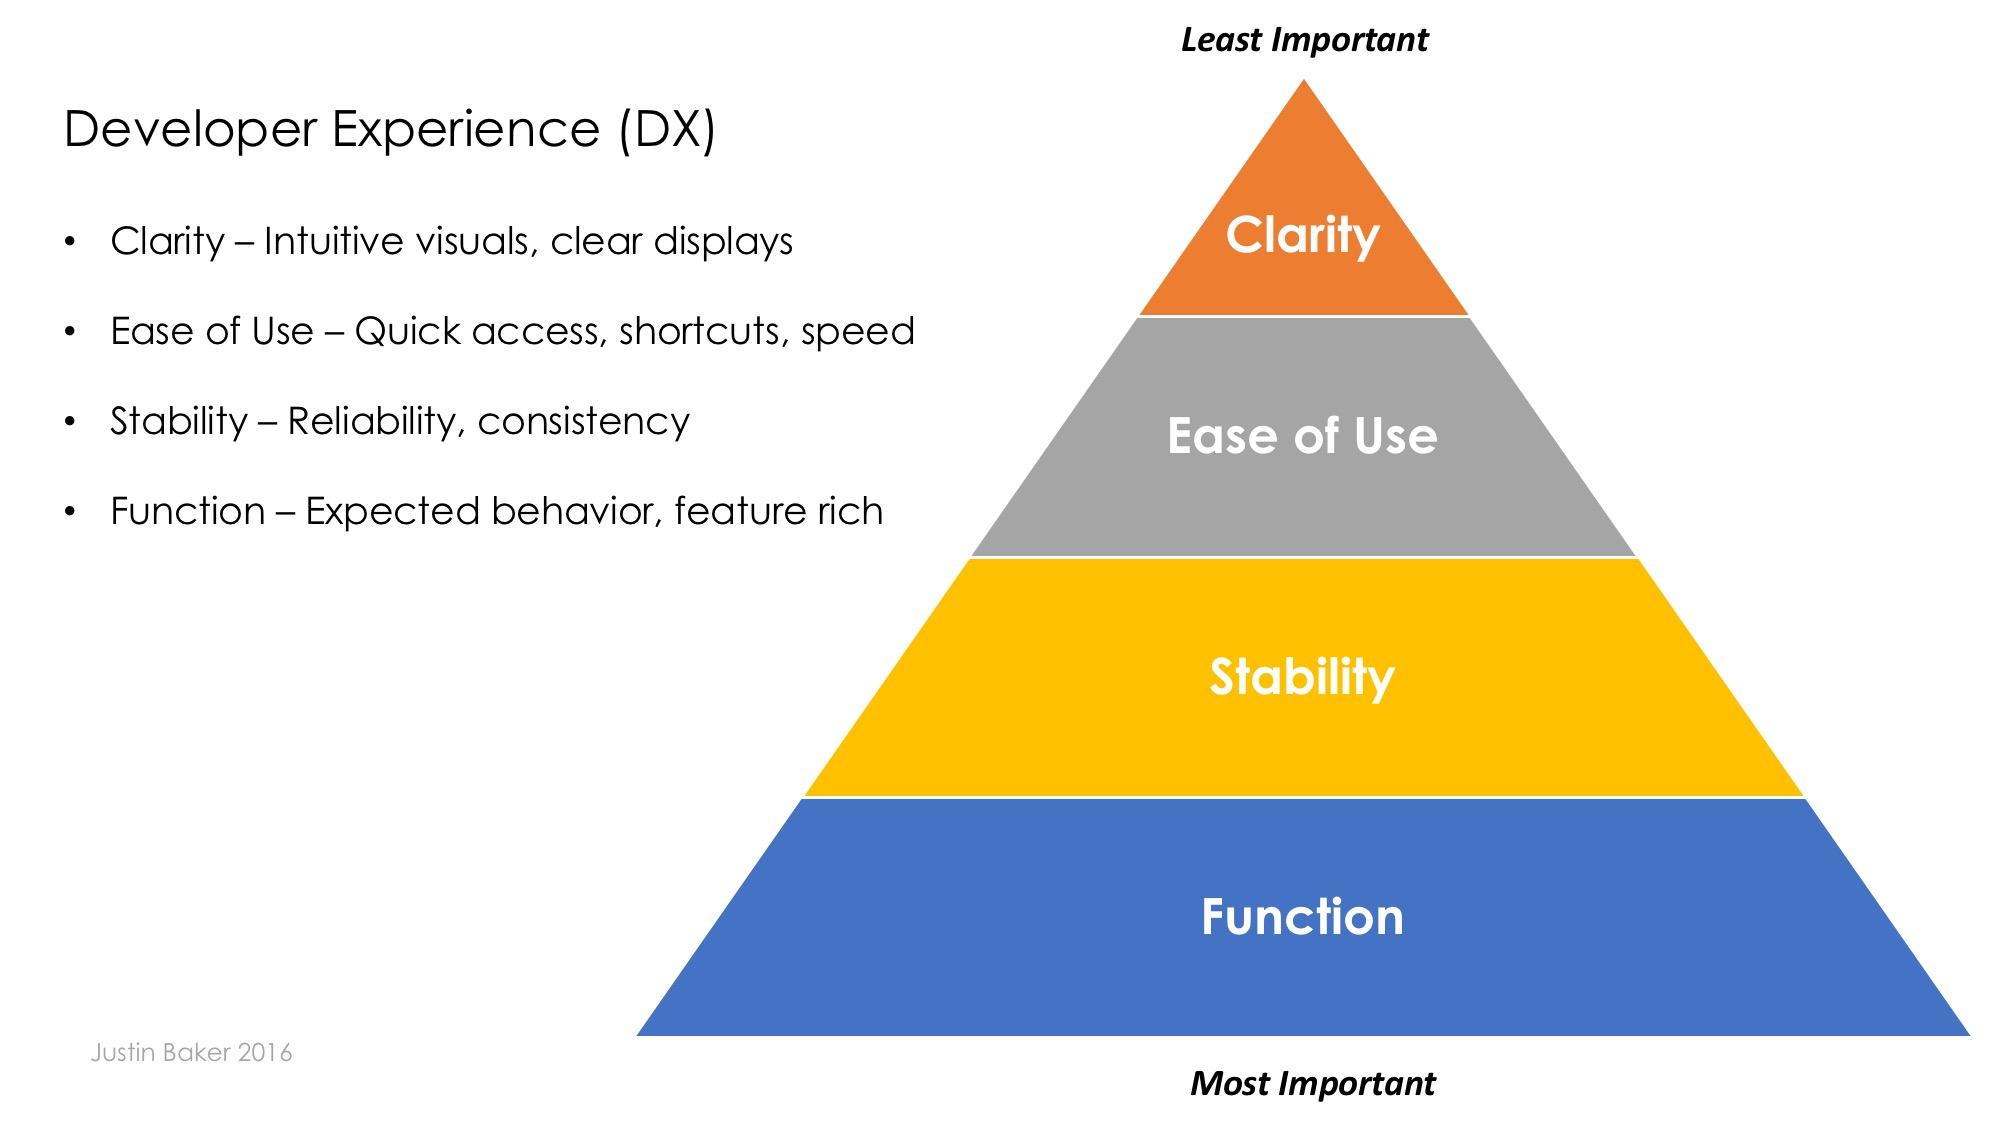 DX Designing for Developers | Developer Experience | Justin Baker 2016